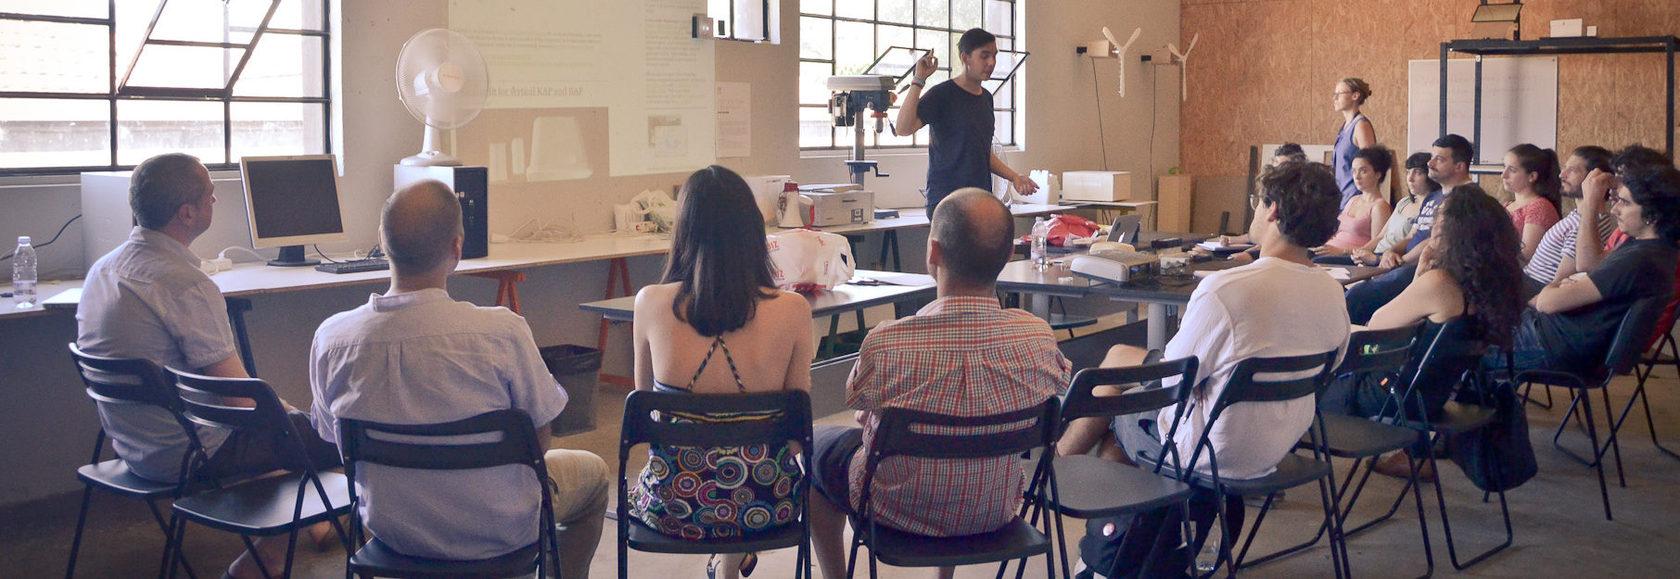 workshop tasks covering work - 940×622